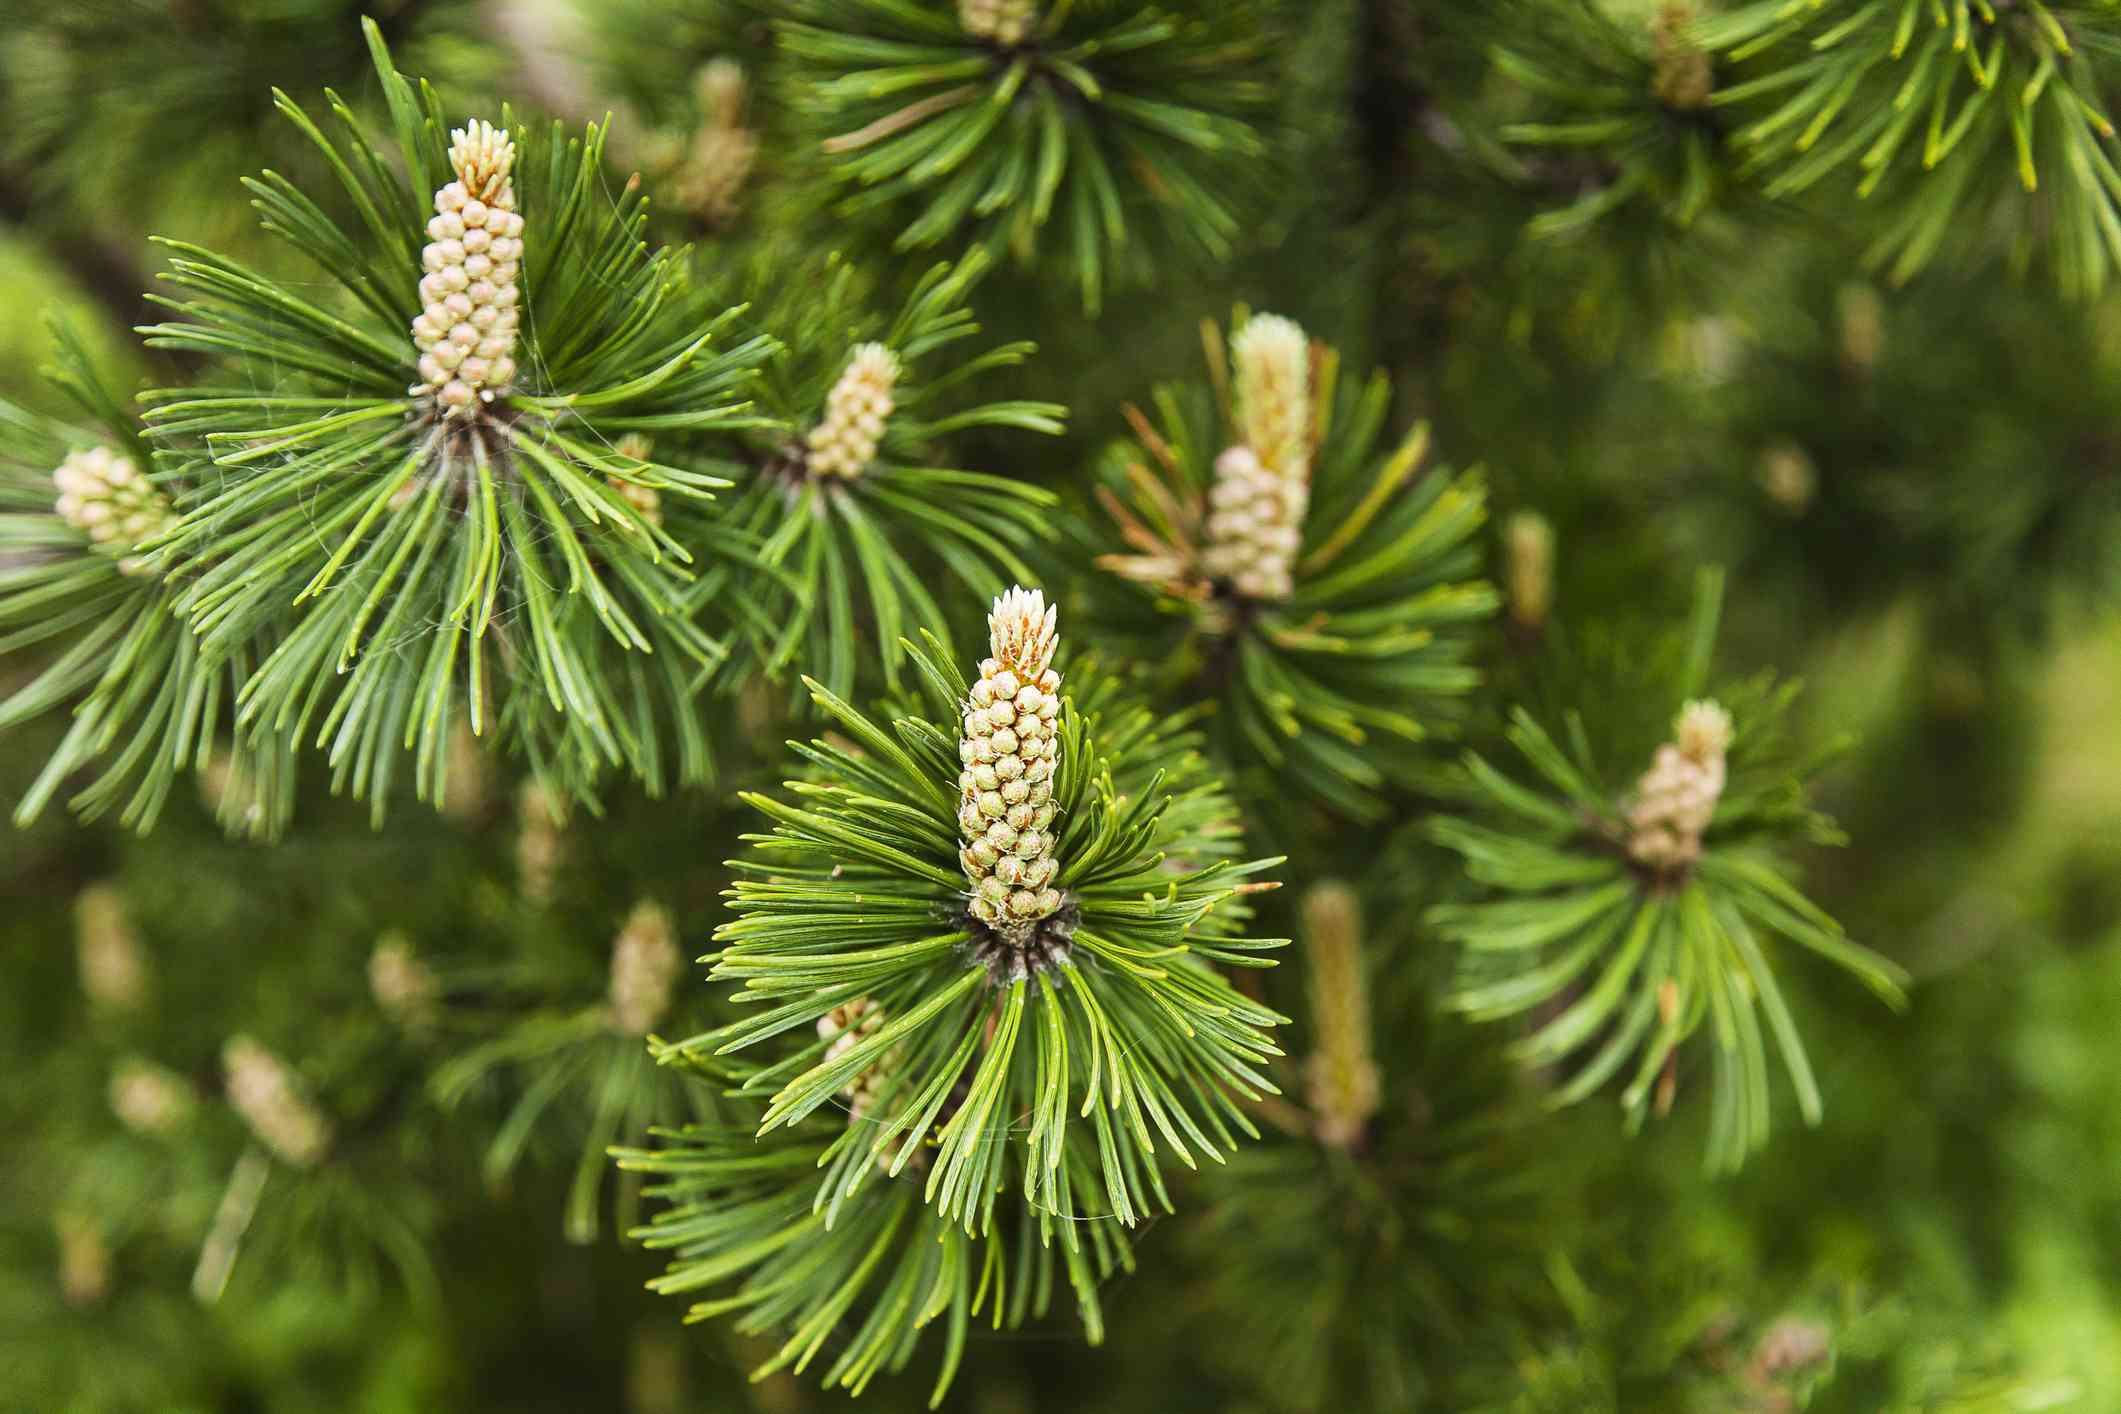 Close-up of mugo pine with tiny cones